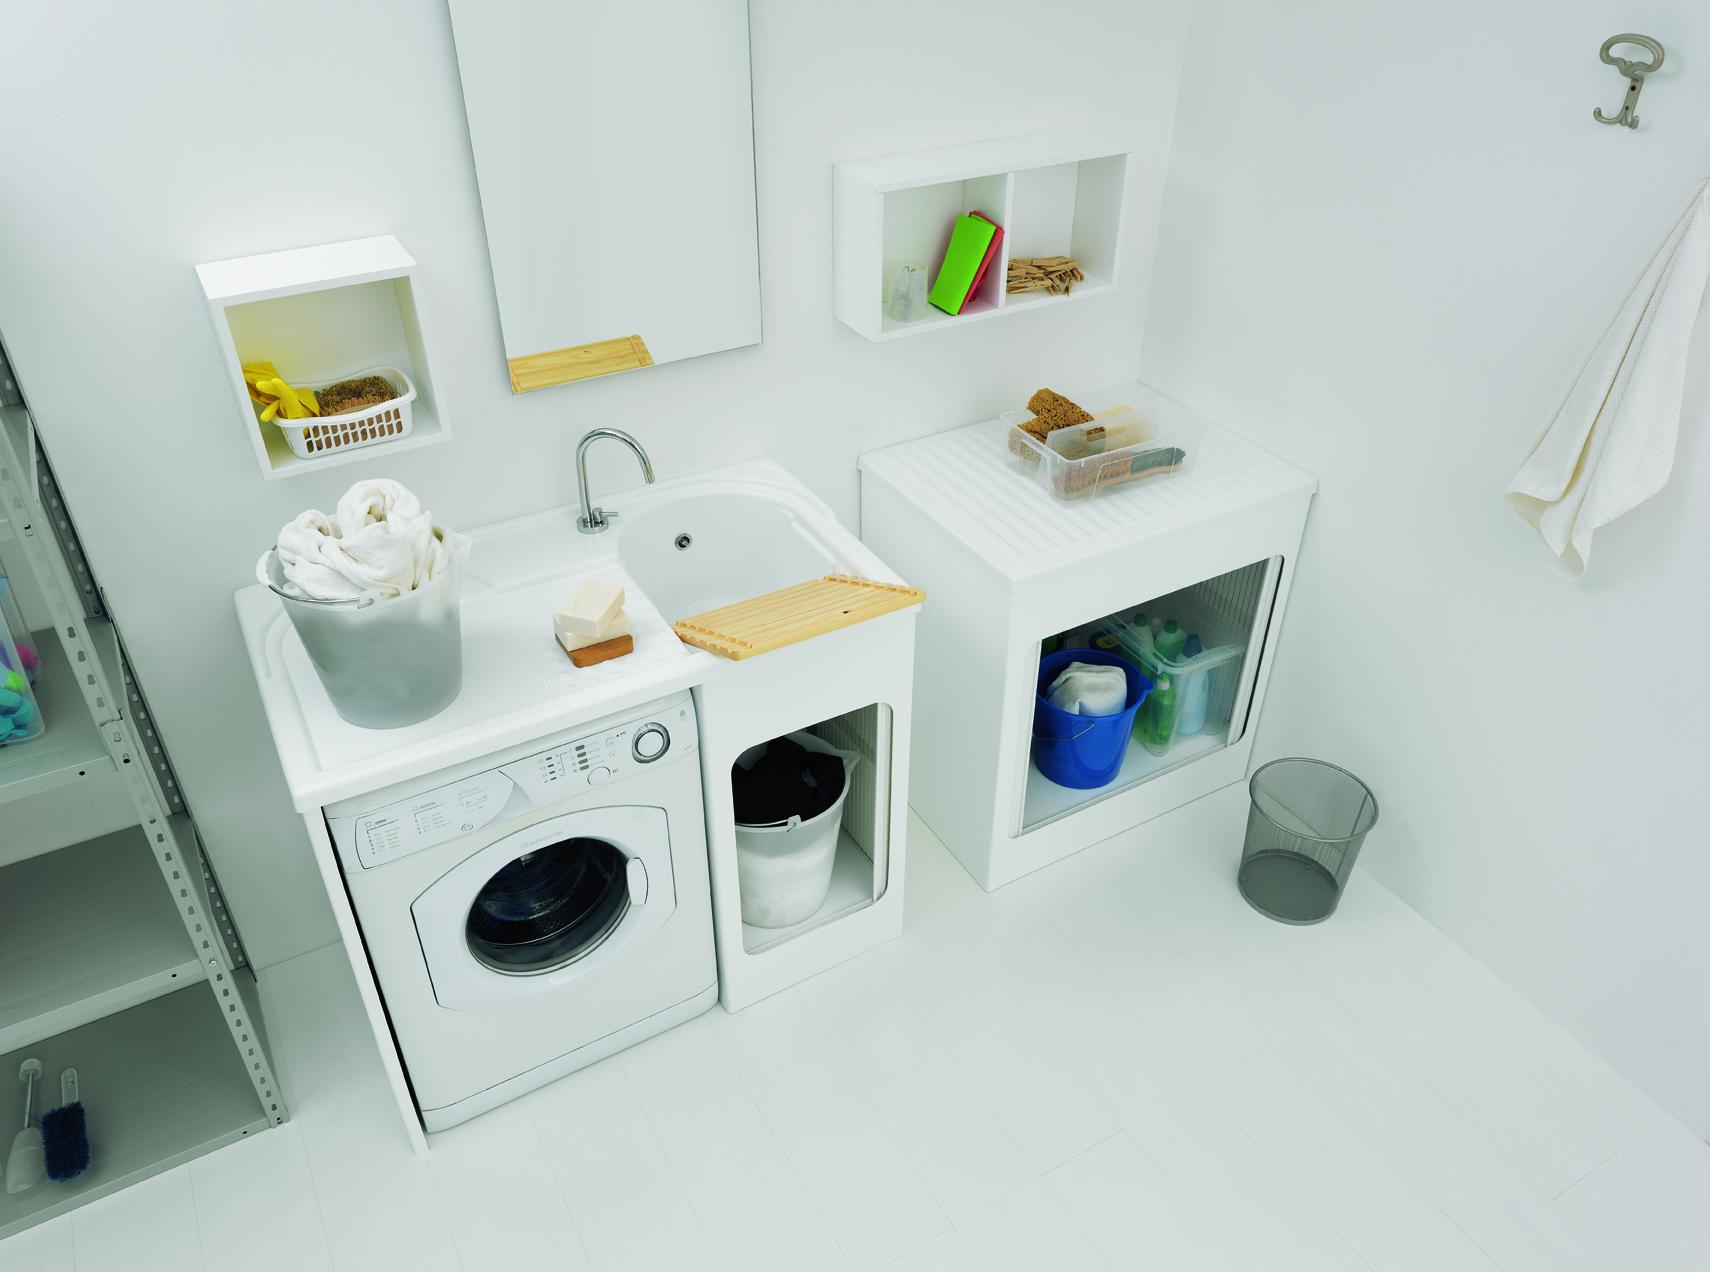 Mobile con lavabo e porta lavatrice 106x60x89 lavacril - Lavabo con mobile e prezzi ...